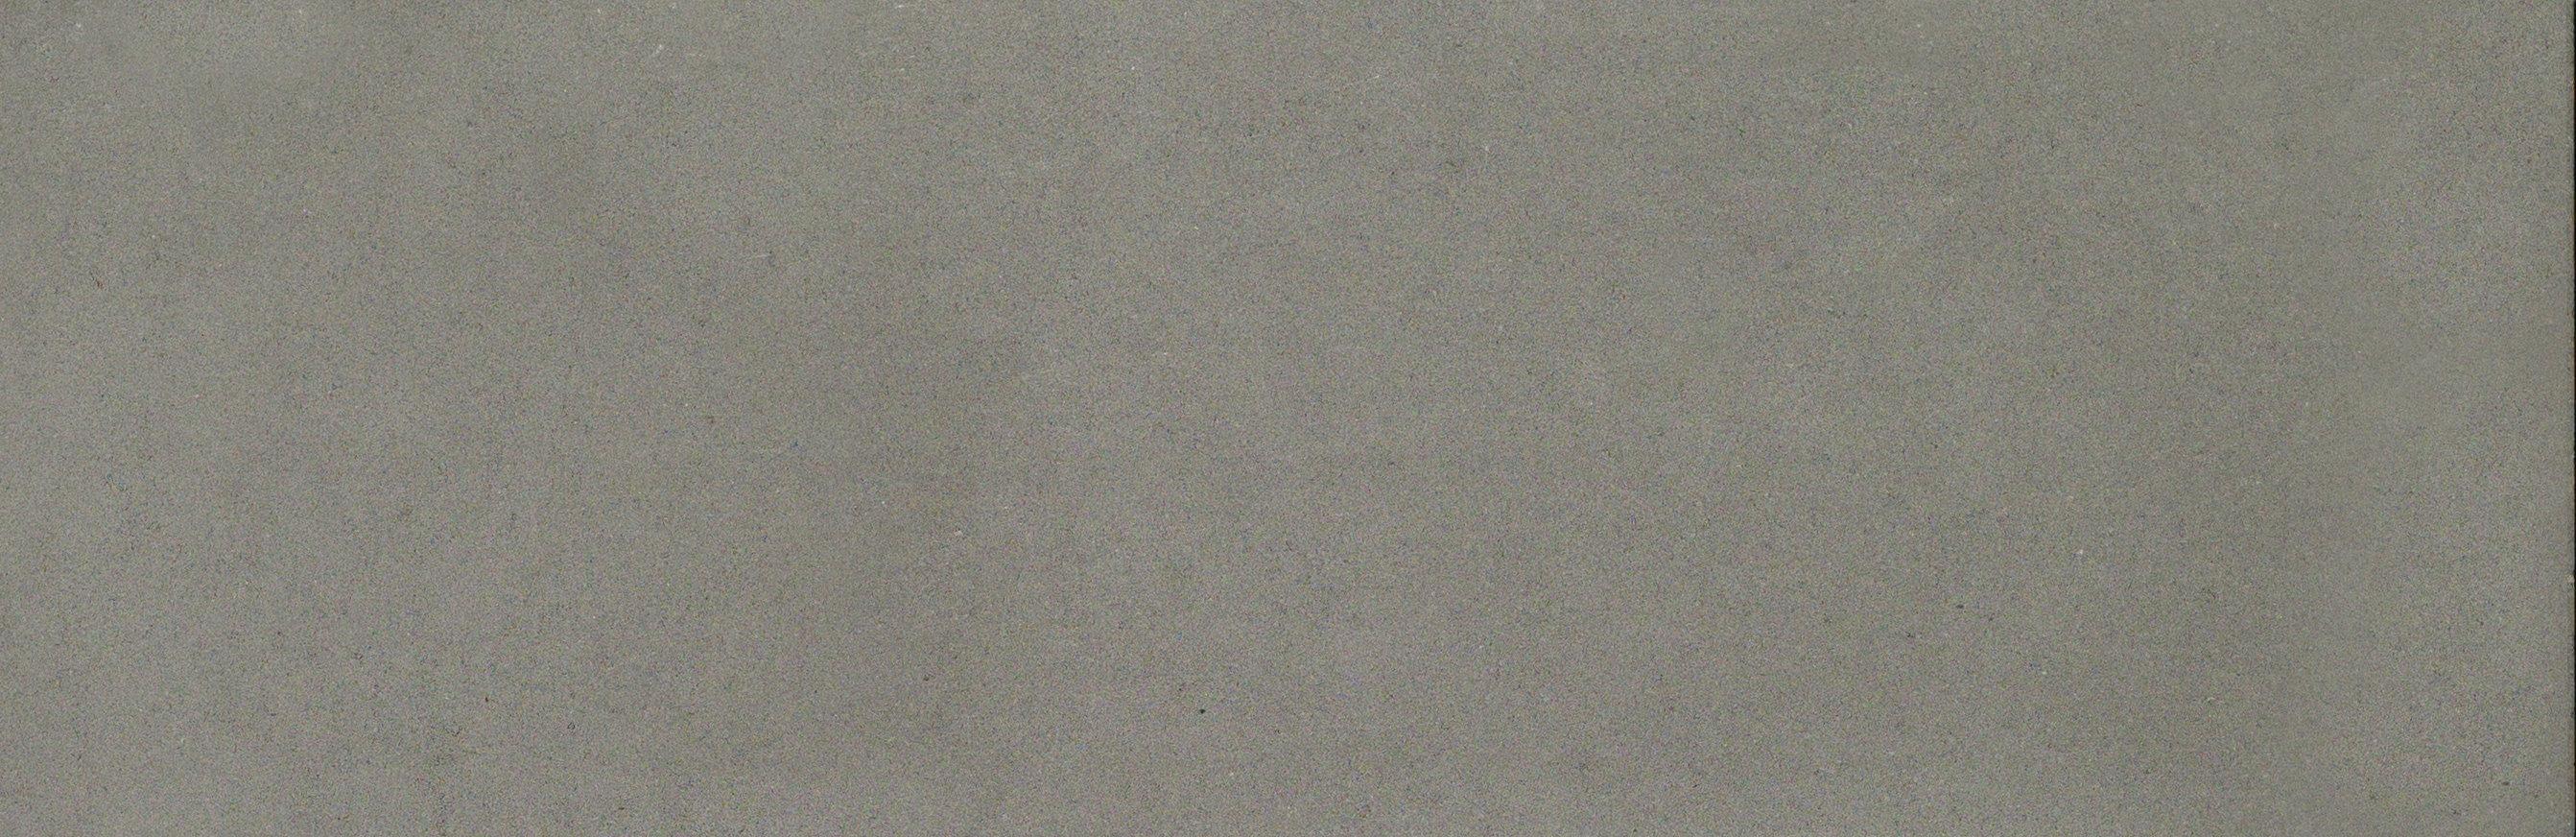 szary kolor